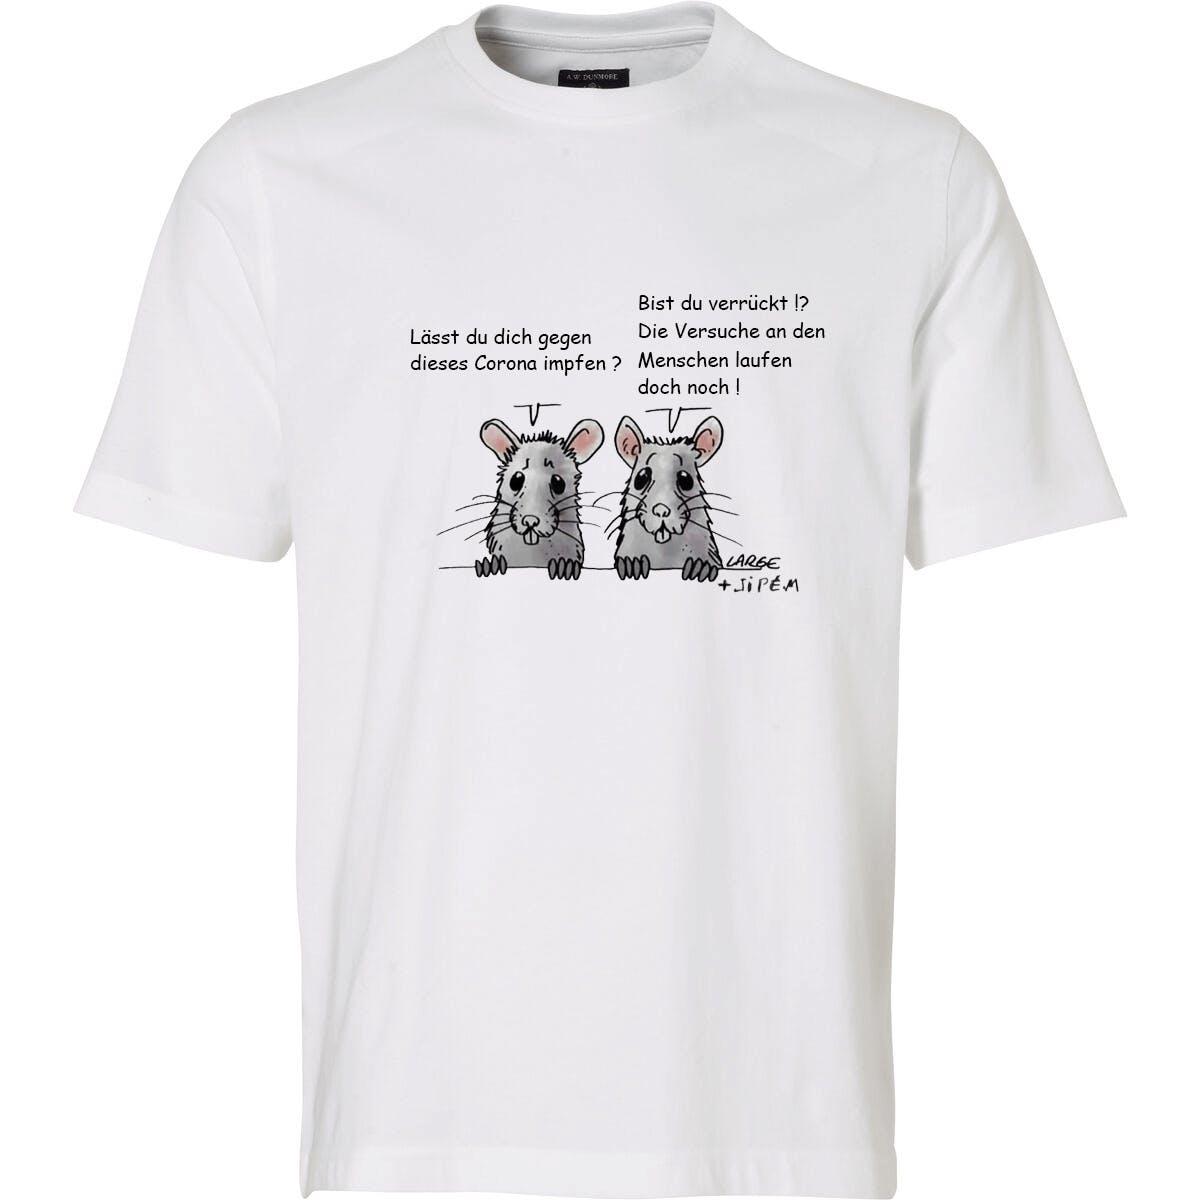 T-Shirt: Labor-Ratten über Menschenversuche